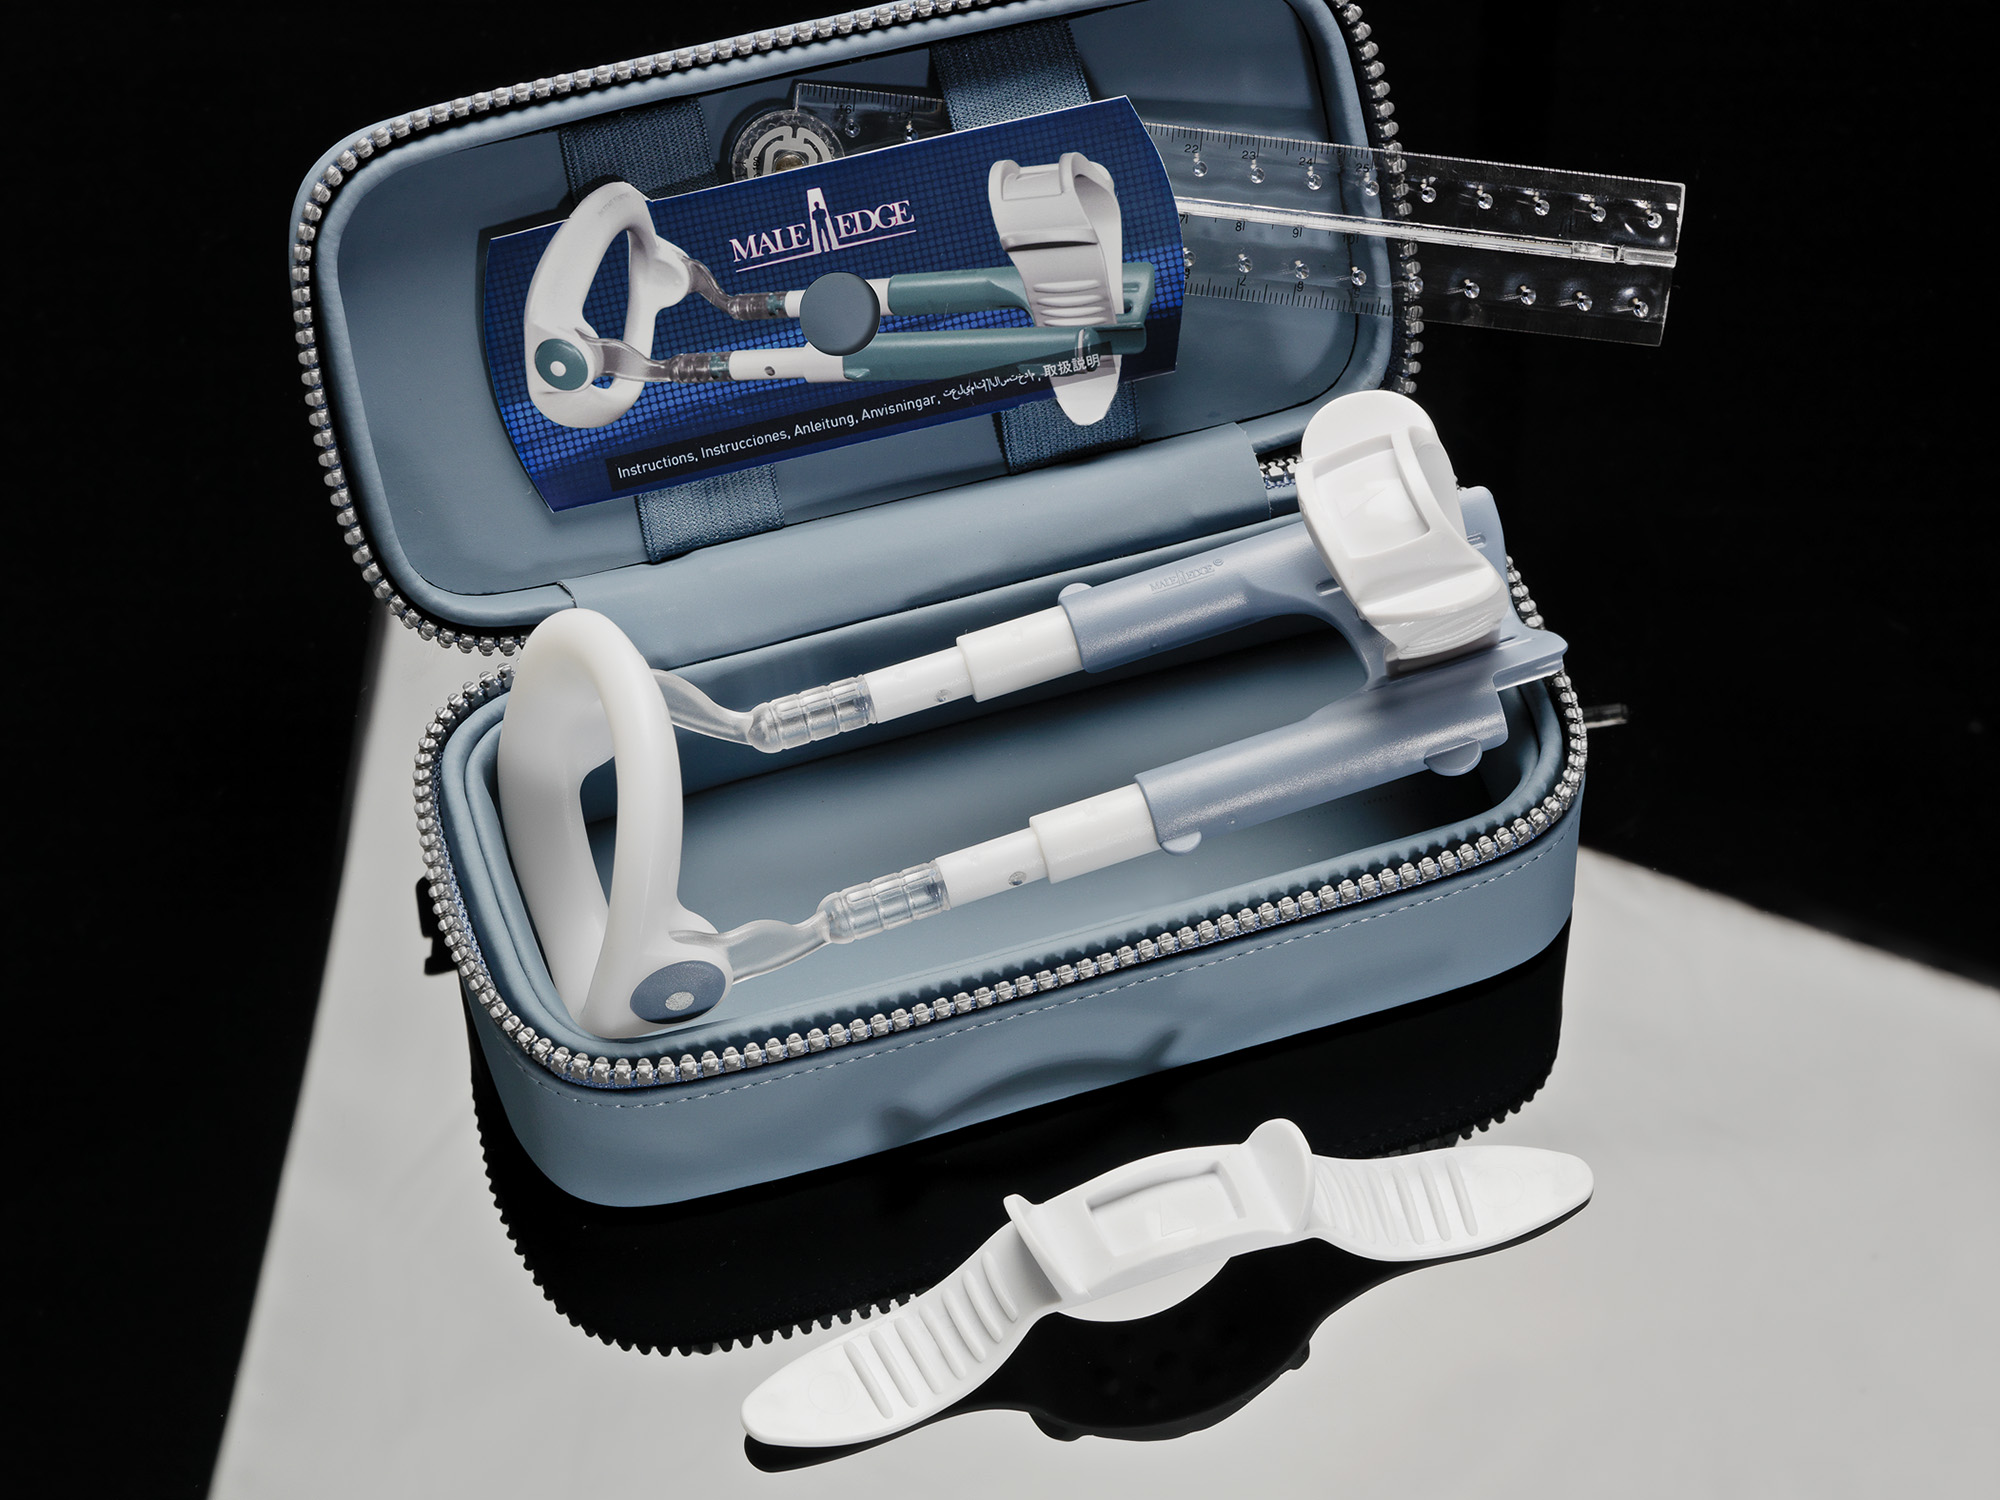 В комплект входят: фирменный чехол голубого цвета, индивидуальный тренажер роста MaleEdge BASIC бело-голубого цвета, ремешок каучуковый белого цвета, линейка, диск с инструкцией